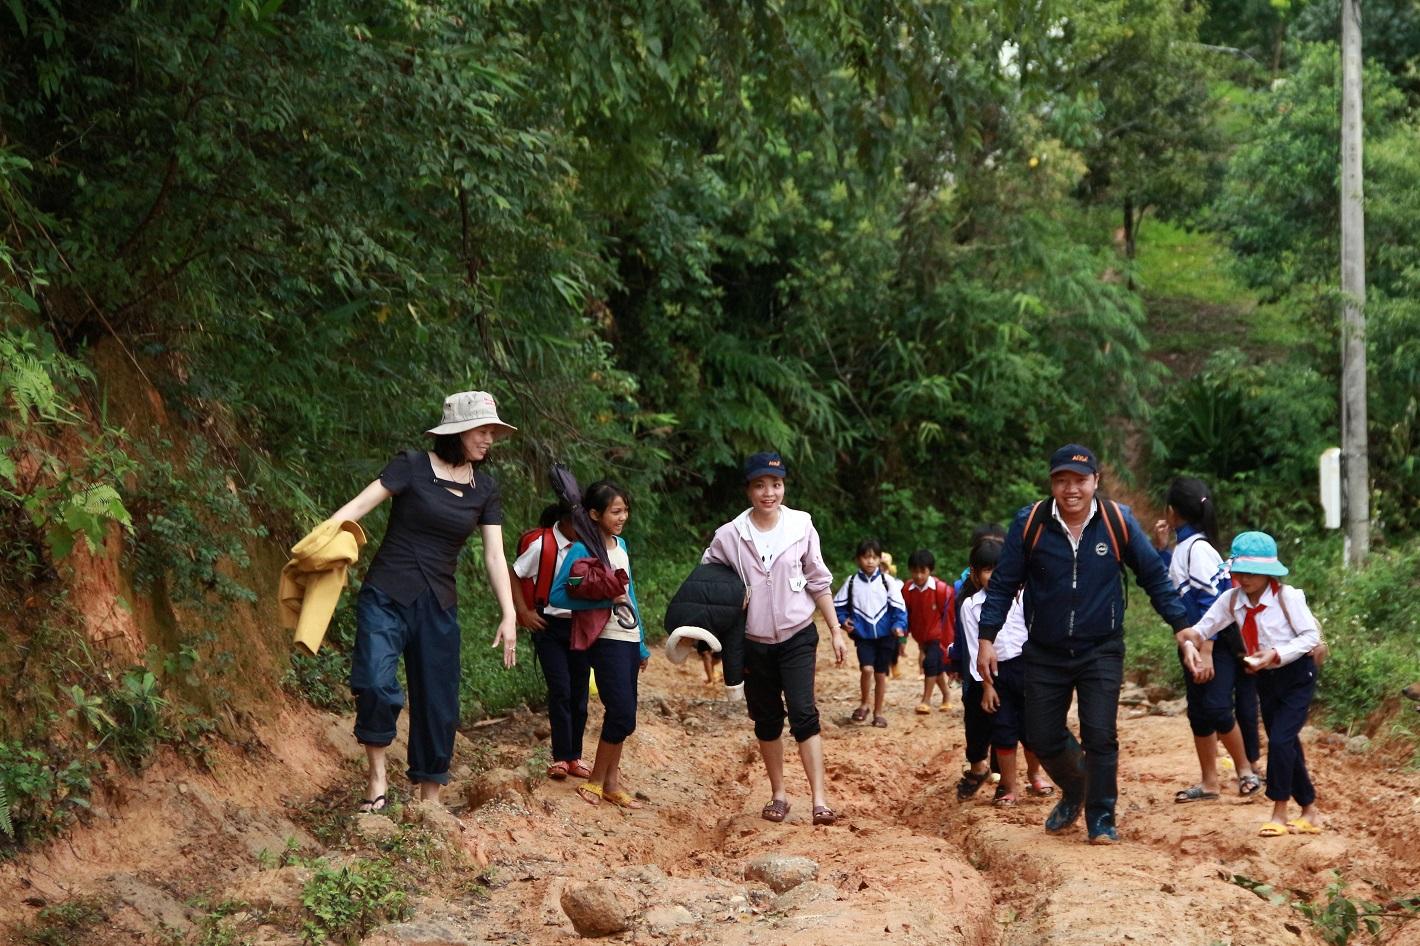 Cô Hồ Thị Thùy Vân (ngoài cùng bên trái), cùng đồng nghiệp vận động đưa học sinh đến lớp. Ảnh: Dung Nguyên.